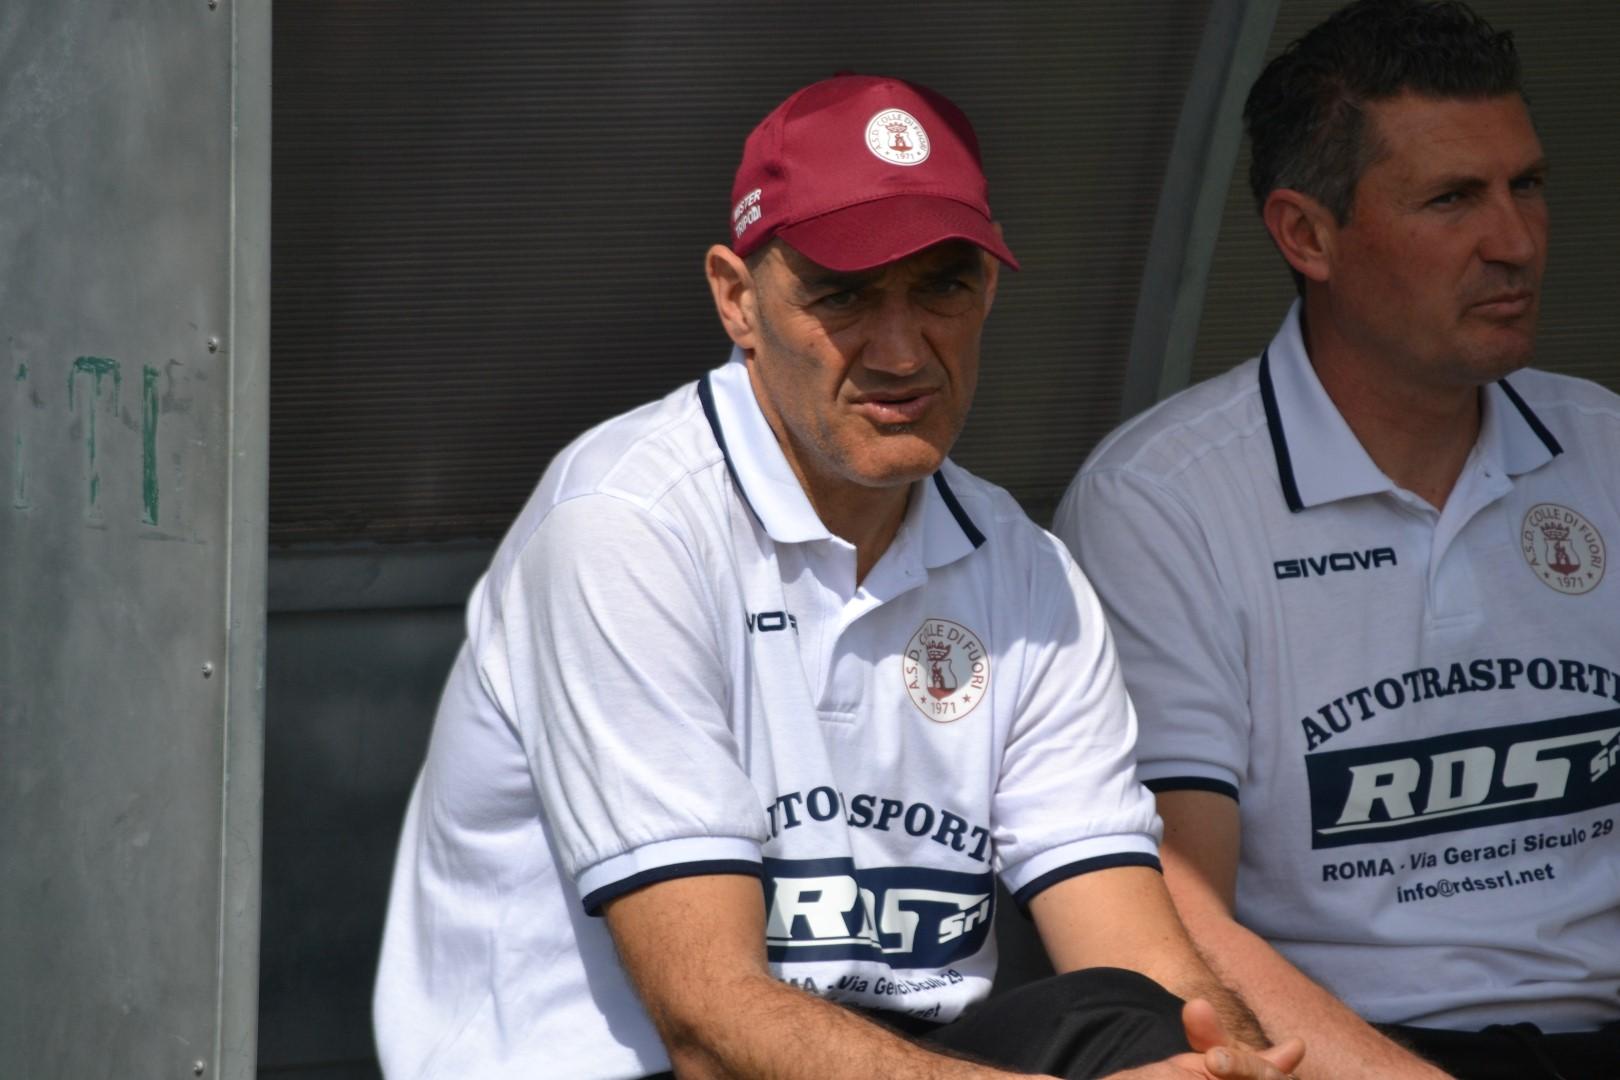 Domenico Tripodi